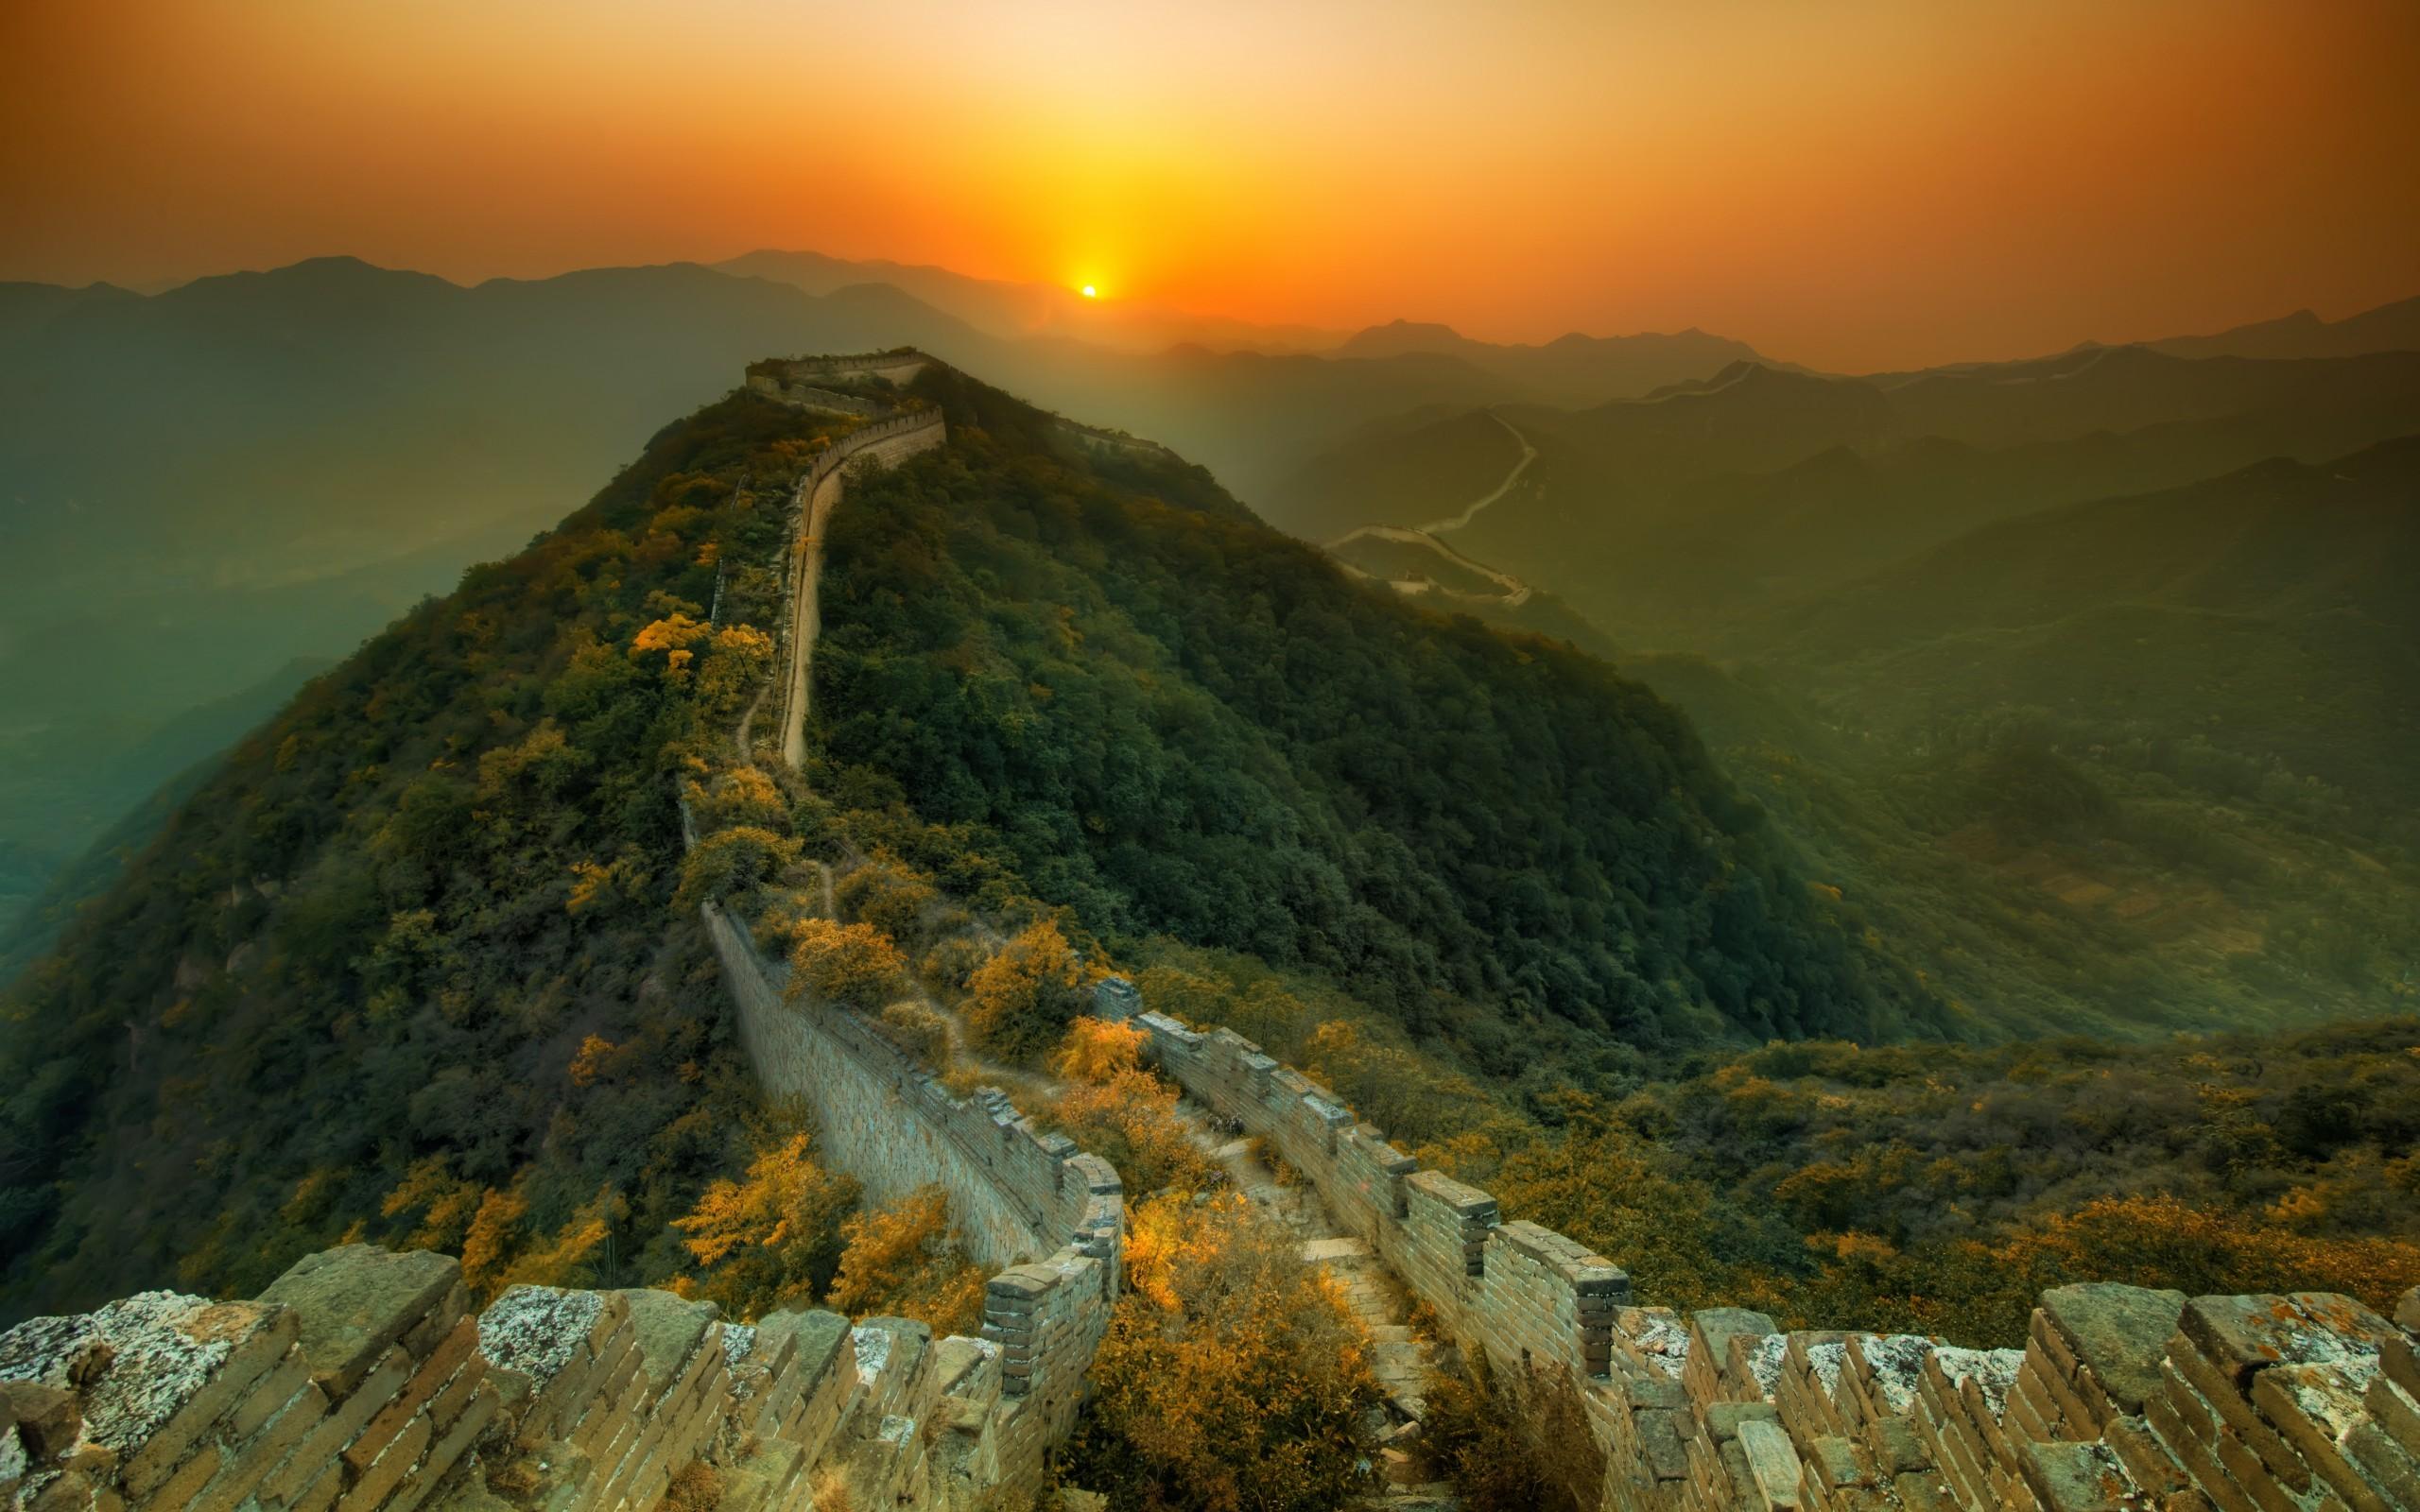 48695 fond d'écran 1080x2340 sur votre téléphone gratuitement, téléchargez des images La Grande Muraille De Chine, Paysage, Nature 1080x2340 sur votre mobile